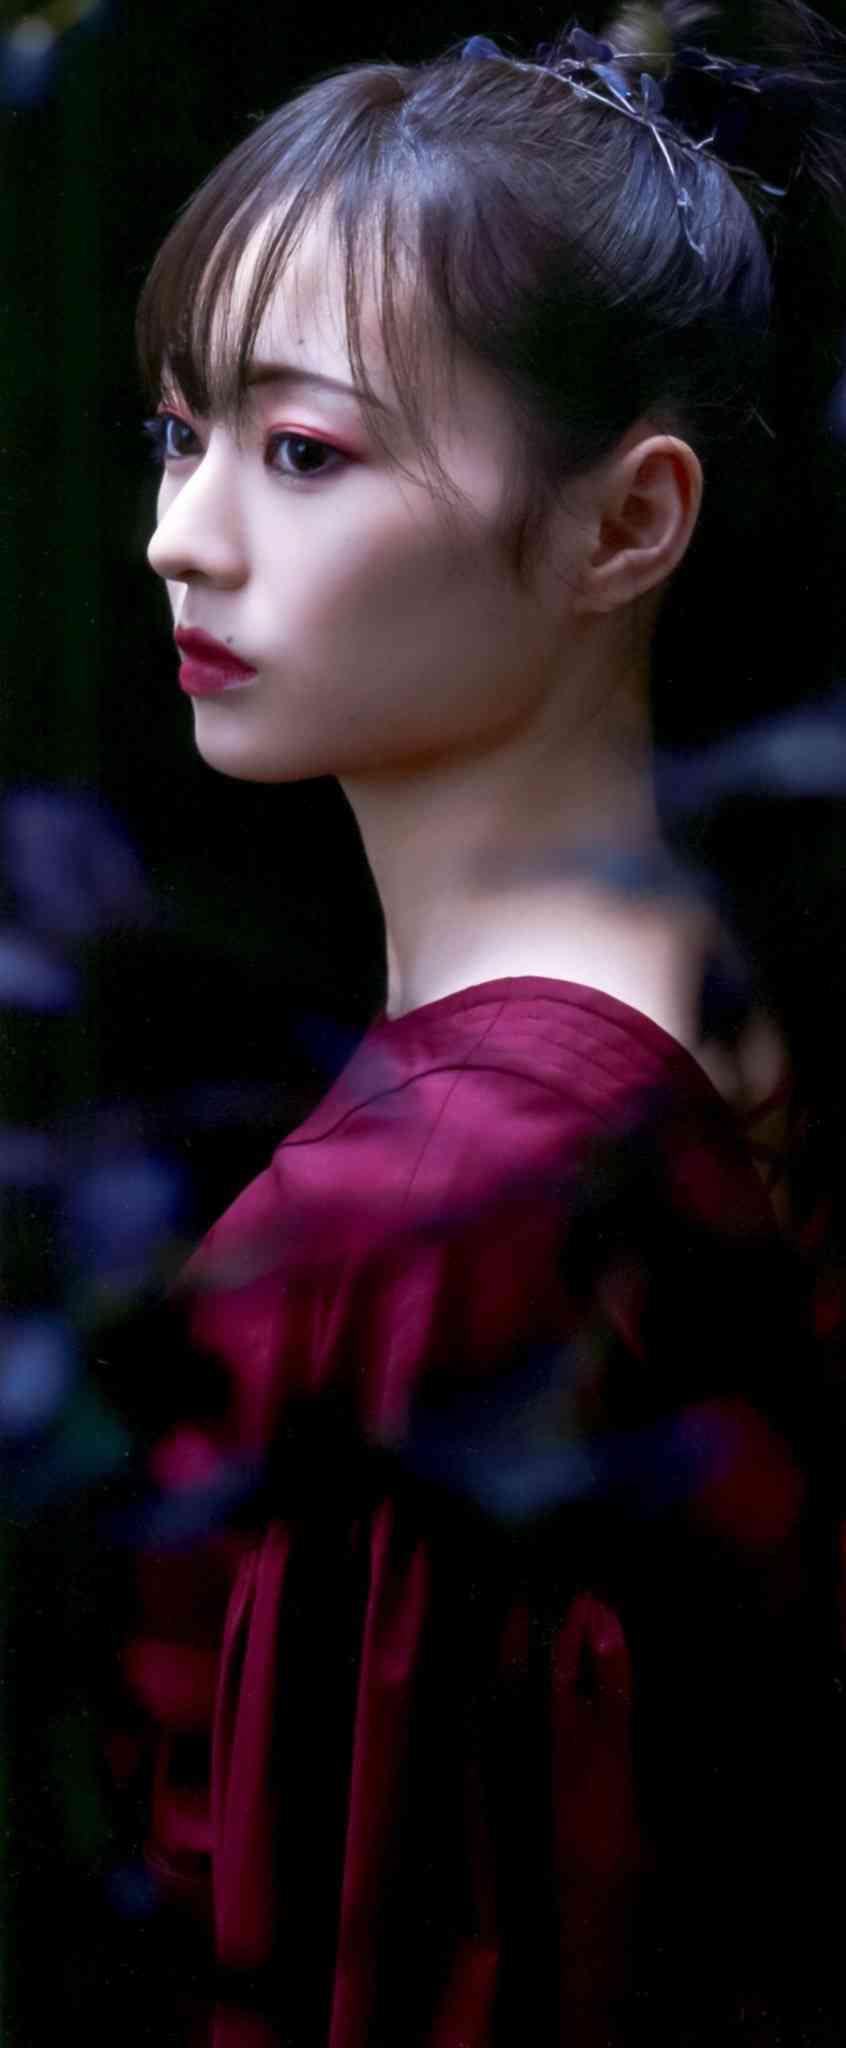 永野芽郁、USJではしゃぐ姿にファン悶絶「ひたすらに可愛い」「癒やしでしかない」